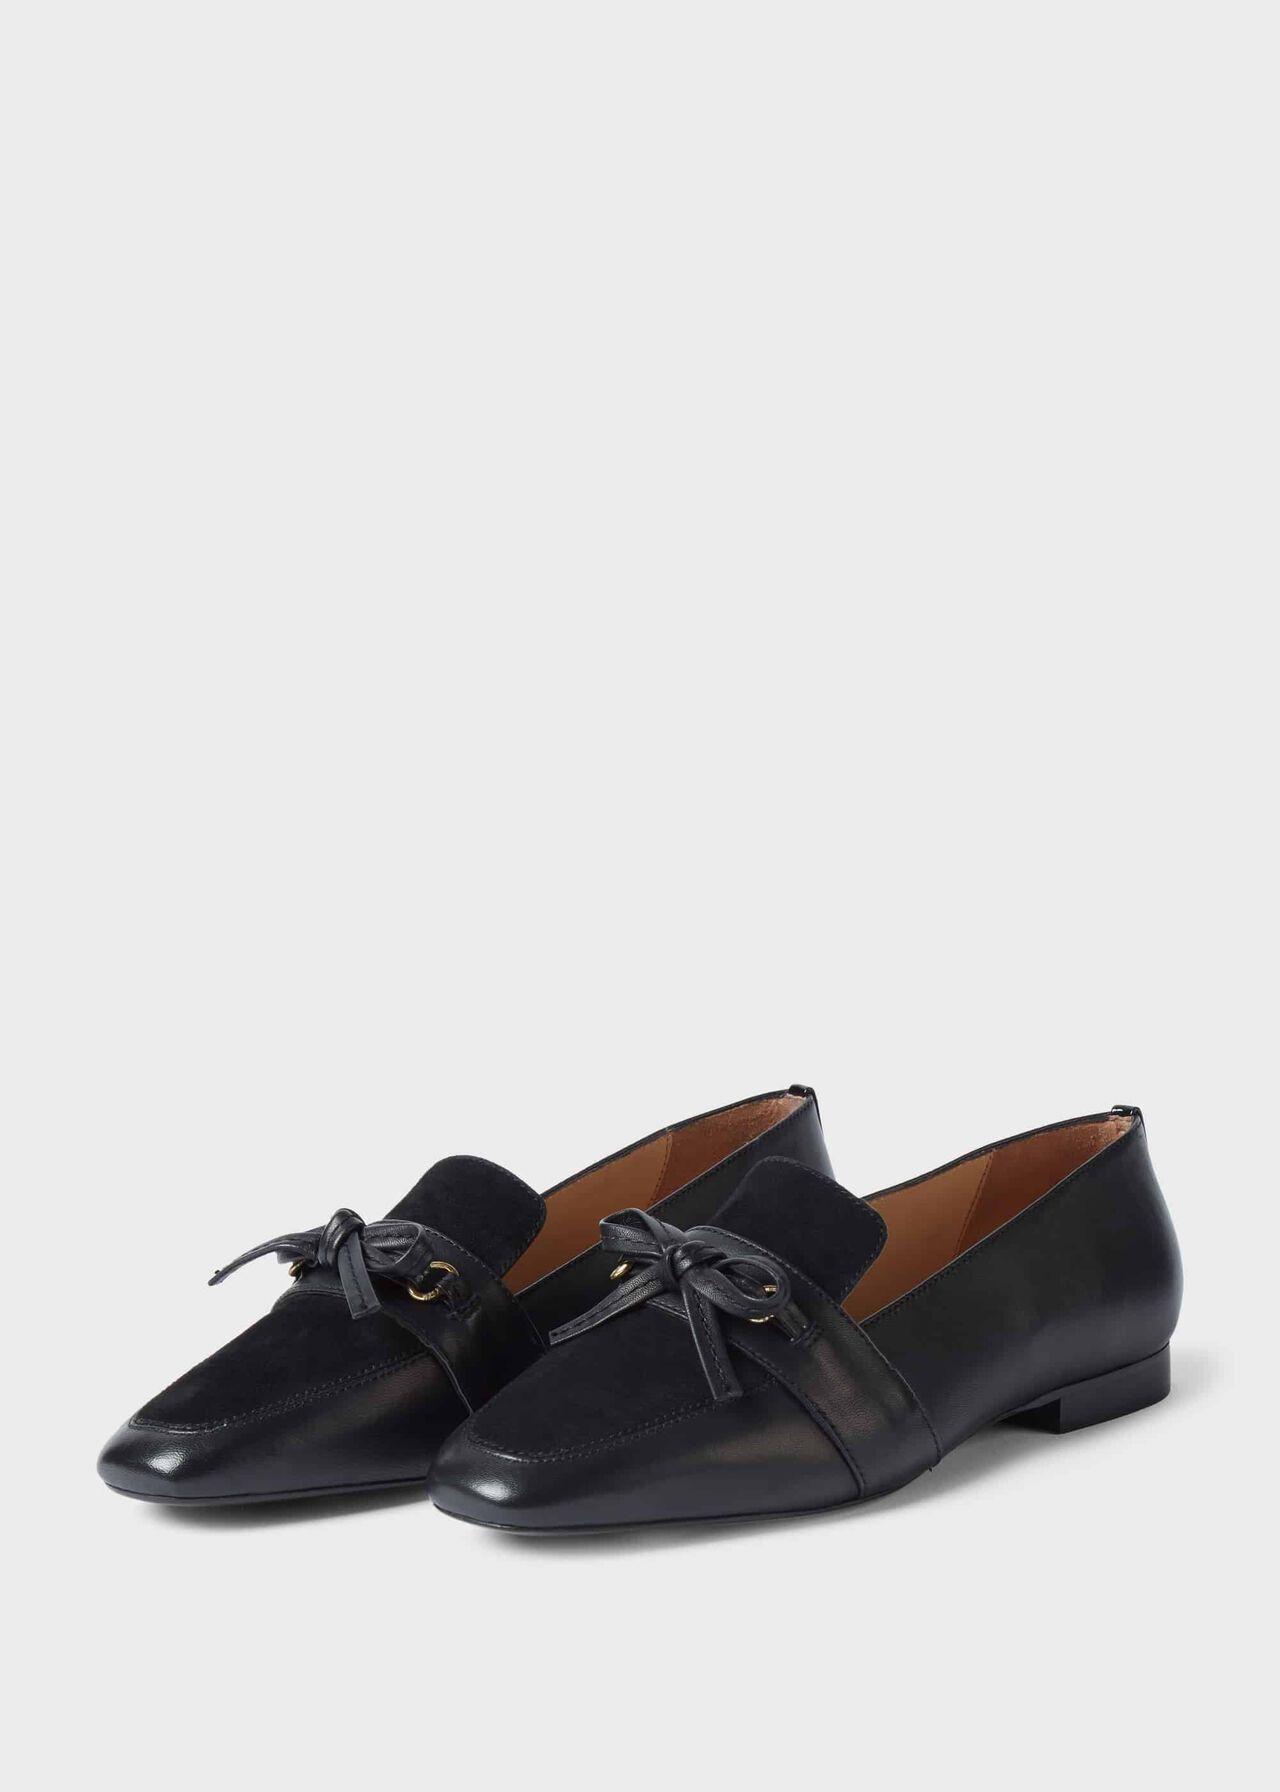 Lauren Leather Flat Shoes Black